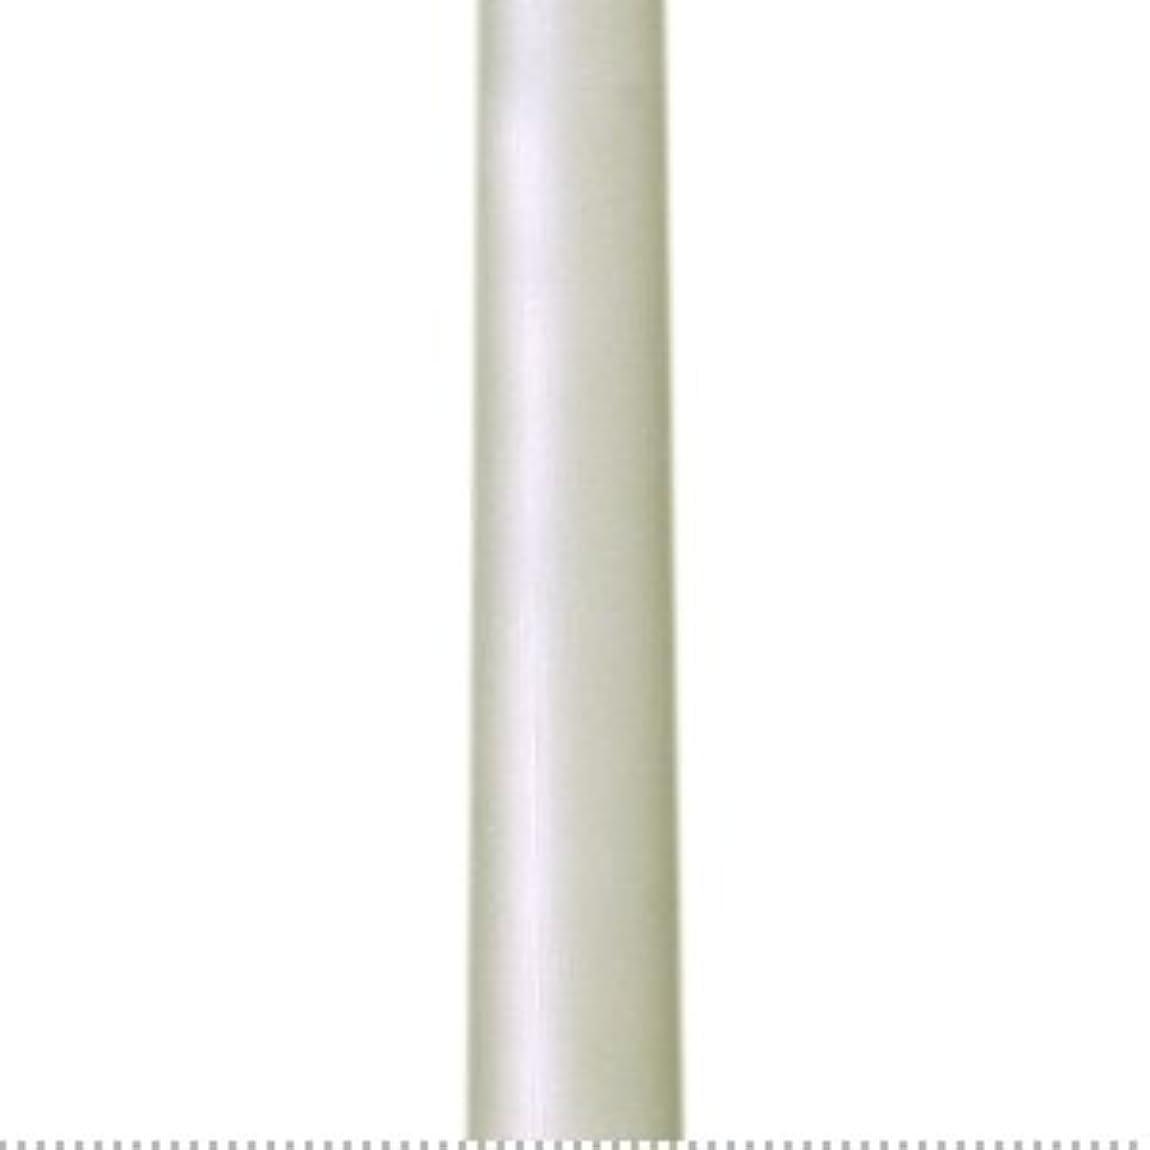 アカウント取る業界テーパーキャンドル クラッシー ムエット 蝋燭